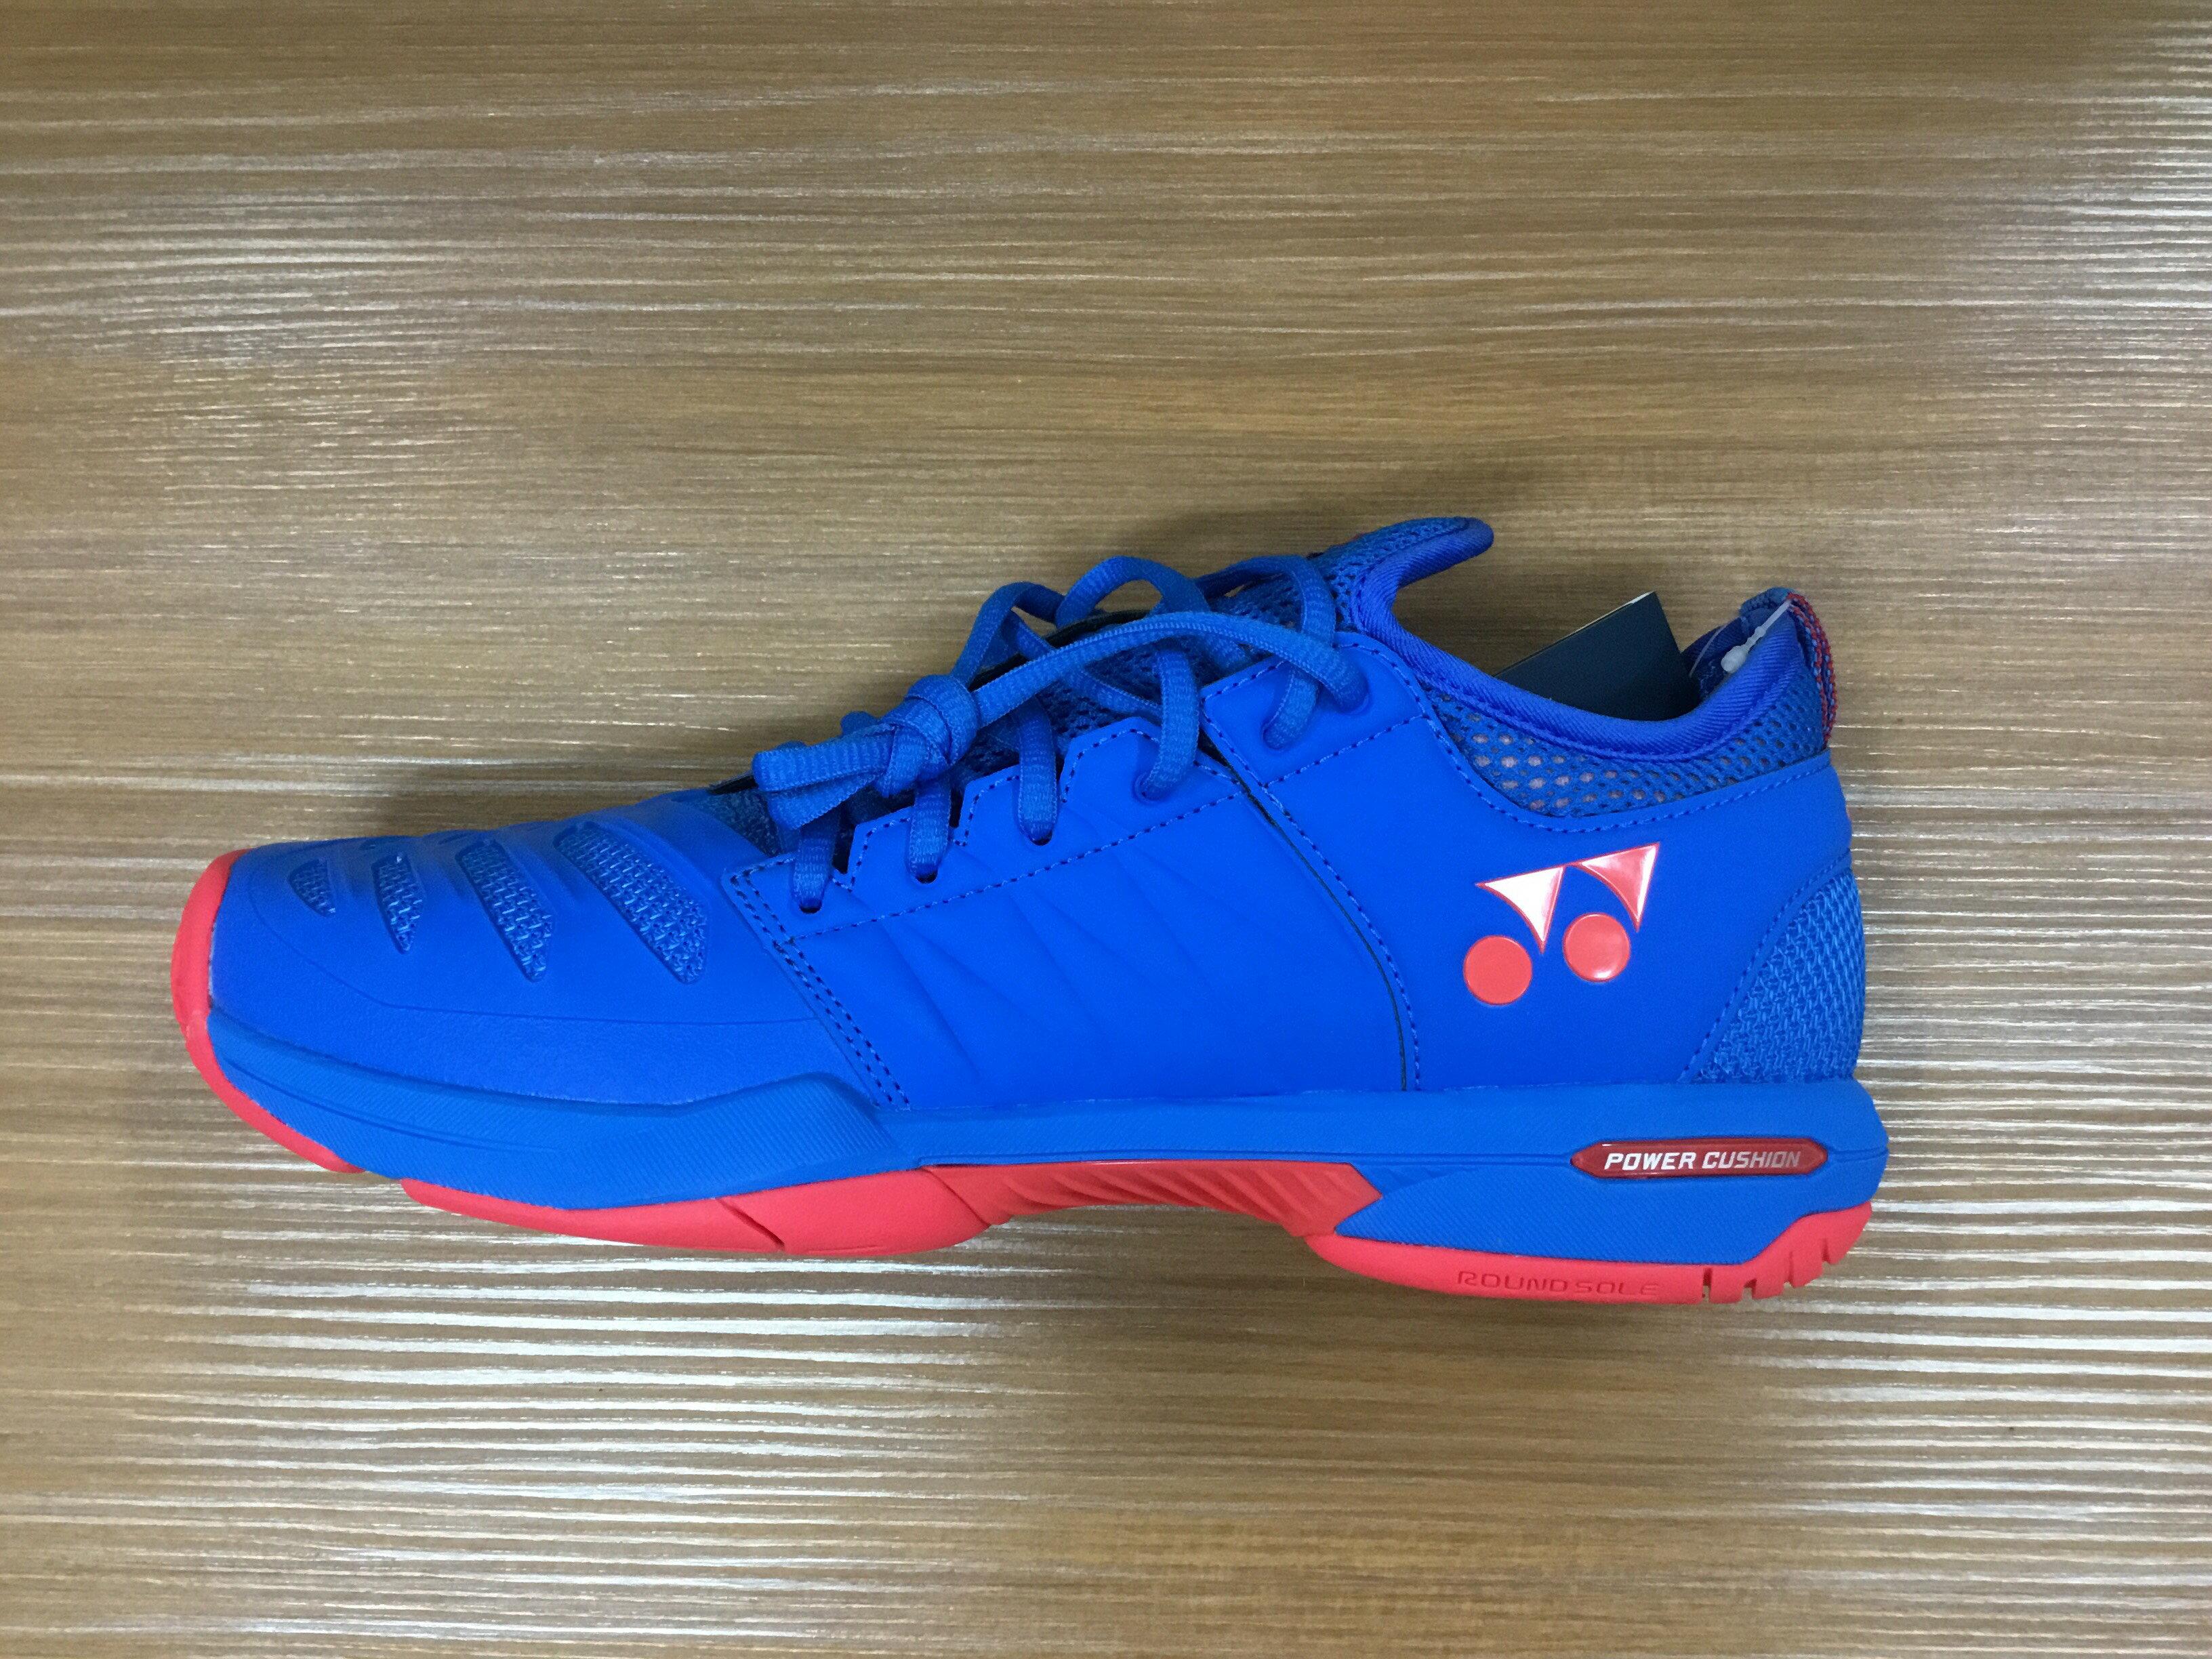 Yonex Power Cushion Fusionrev 3 專業男網球鞋